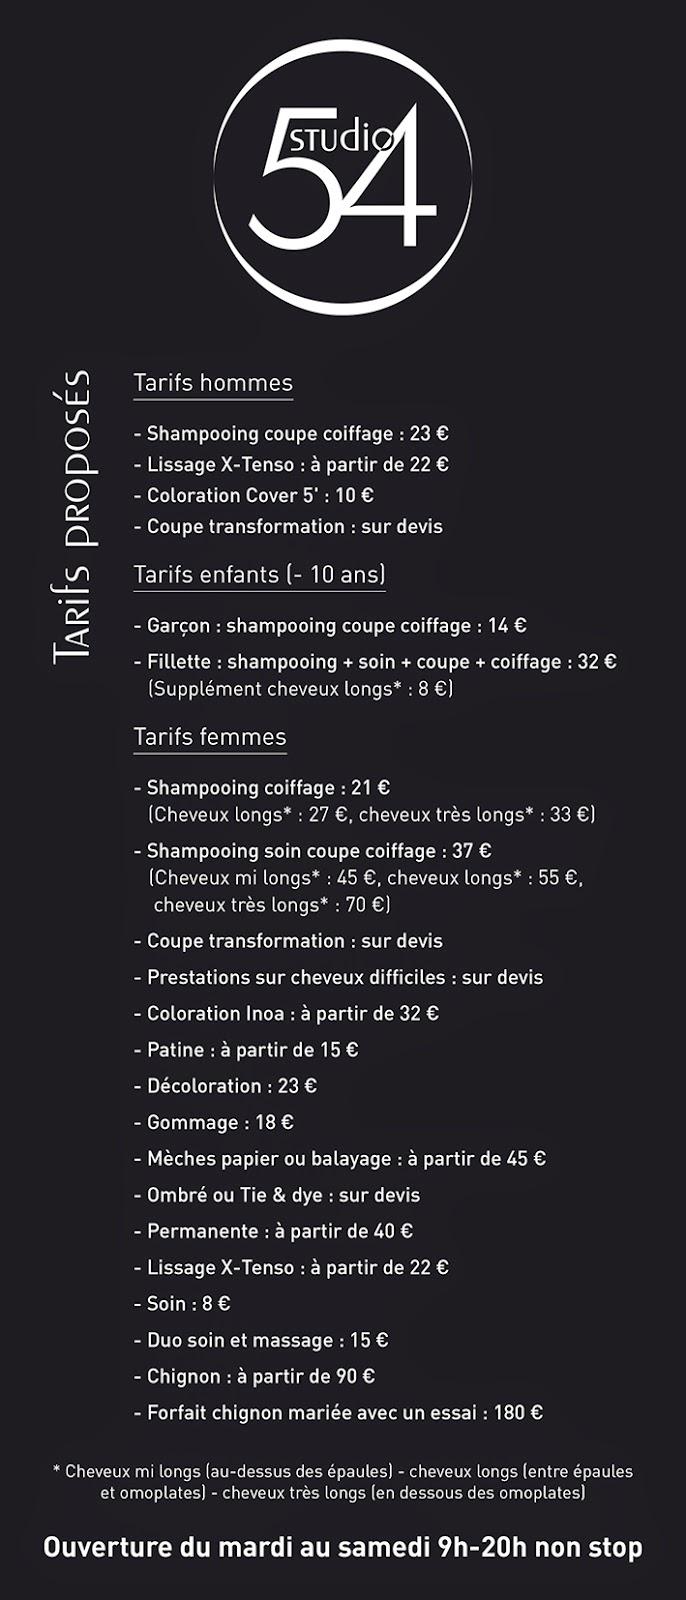 grille de tarifs proposs au studio 54 tarifs jour au 25 novembre 2014 - Coiffeur Coloriste Montpellier